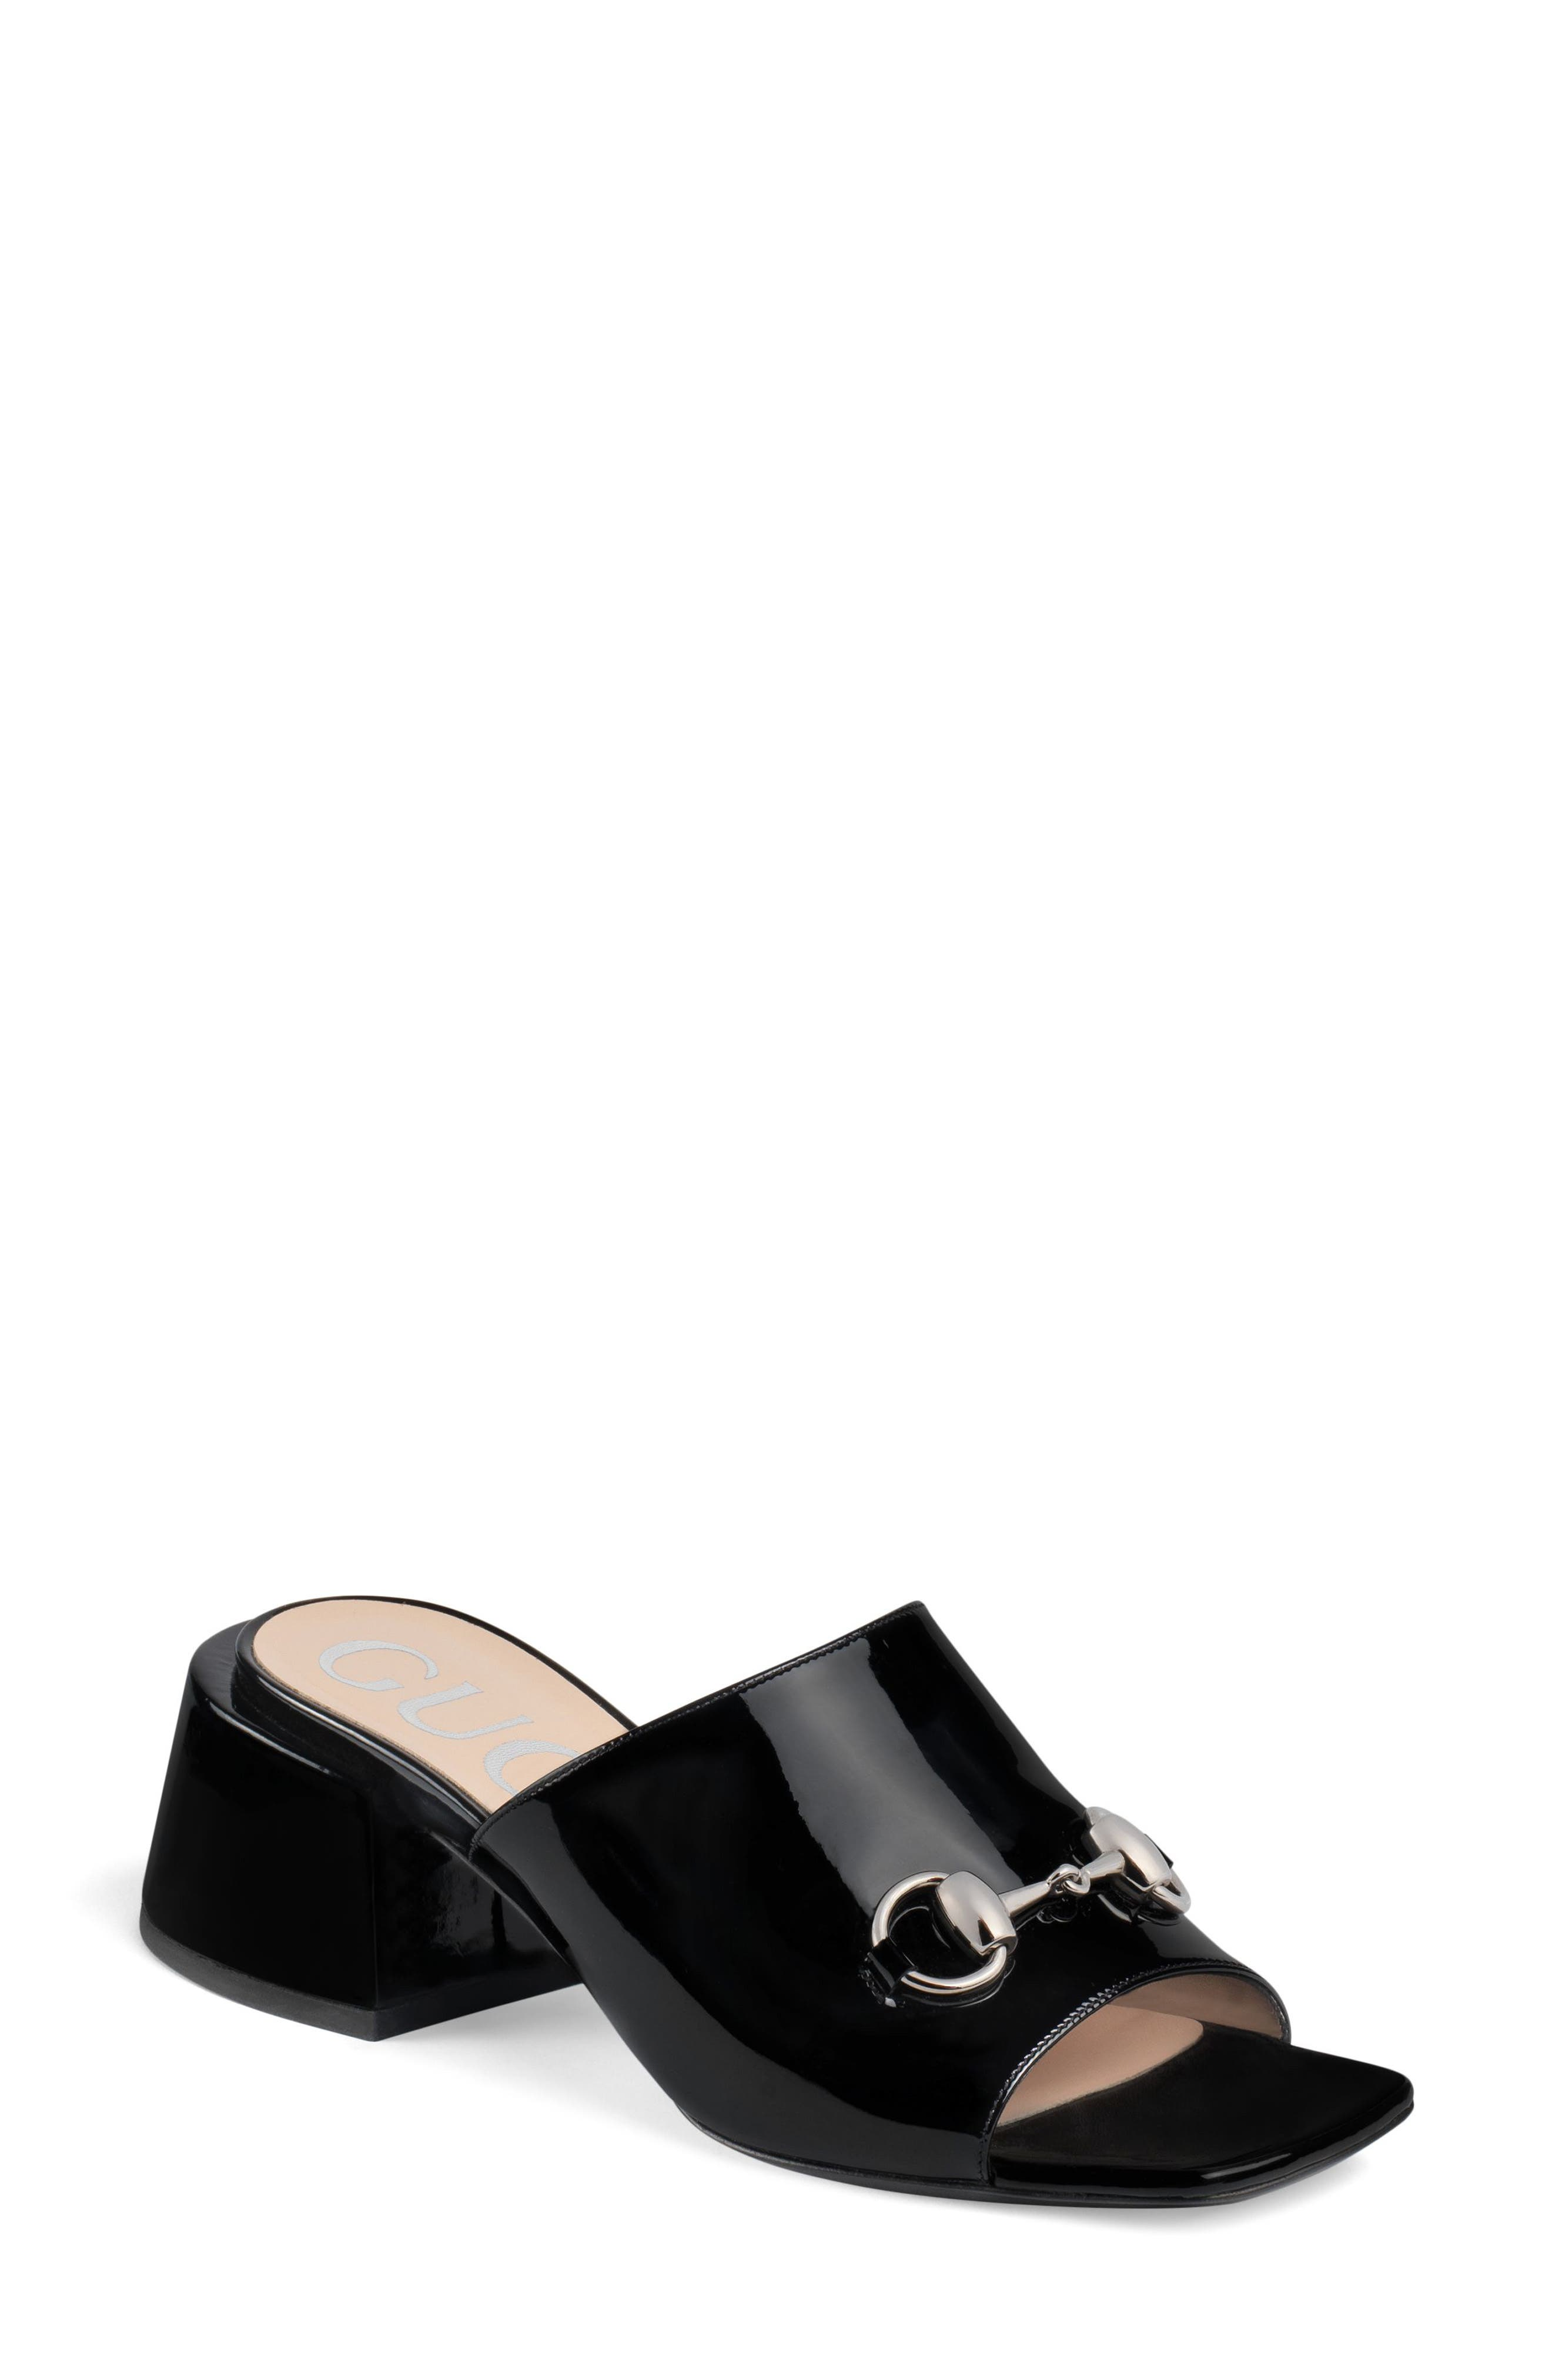 GUCCI Lexi Slide Sandal, Main, color, BLACK